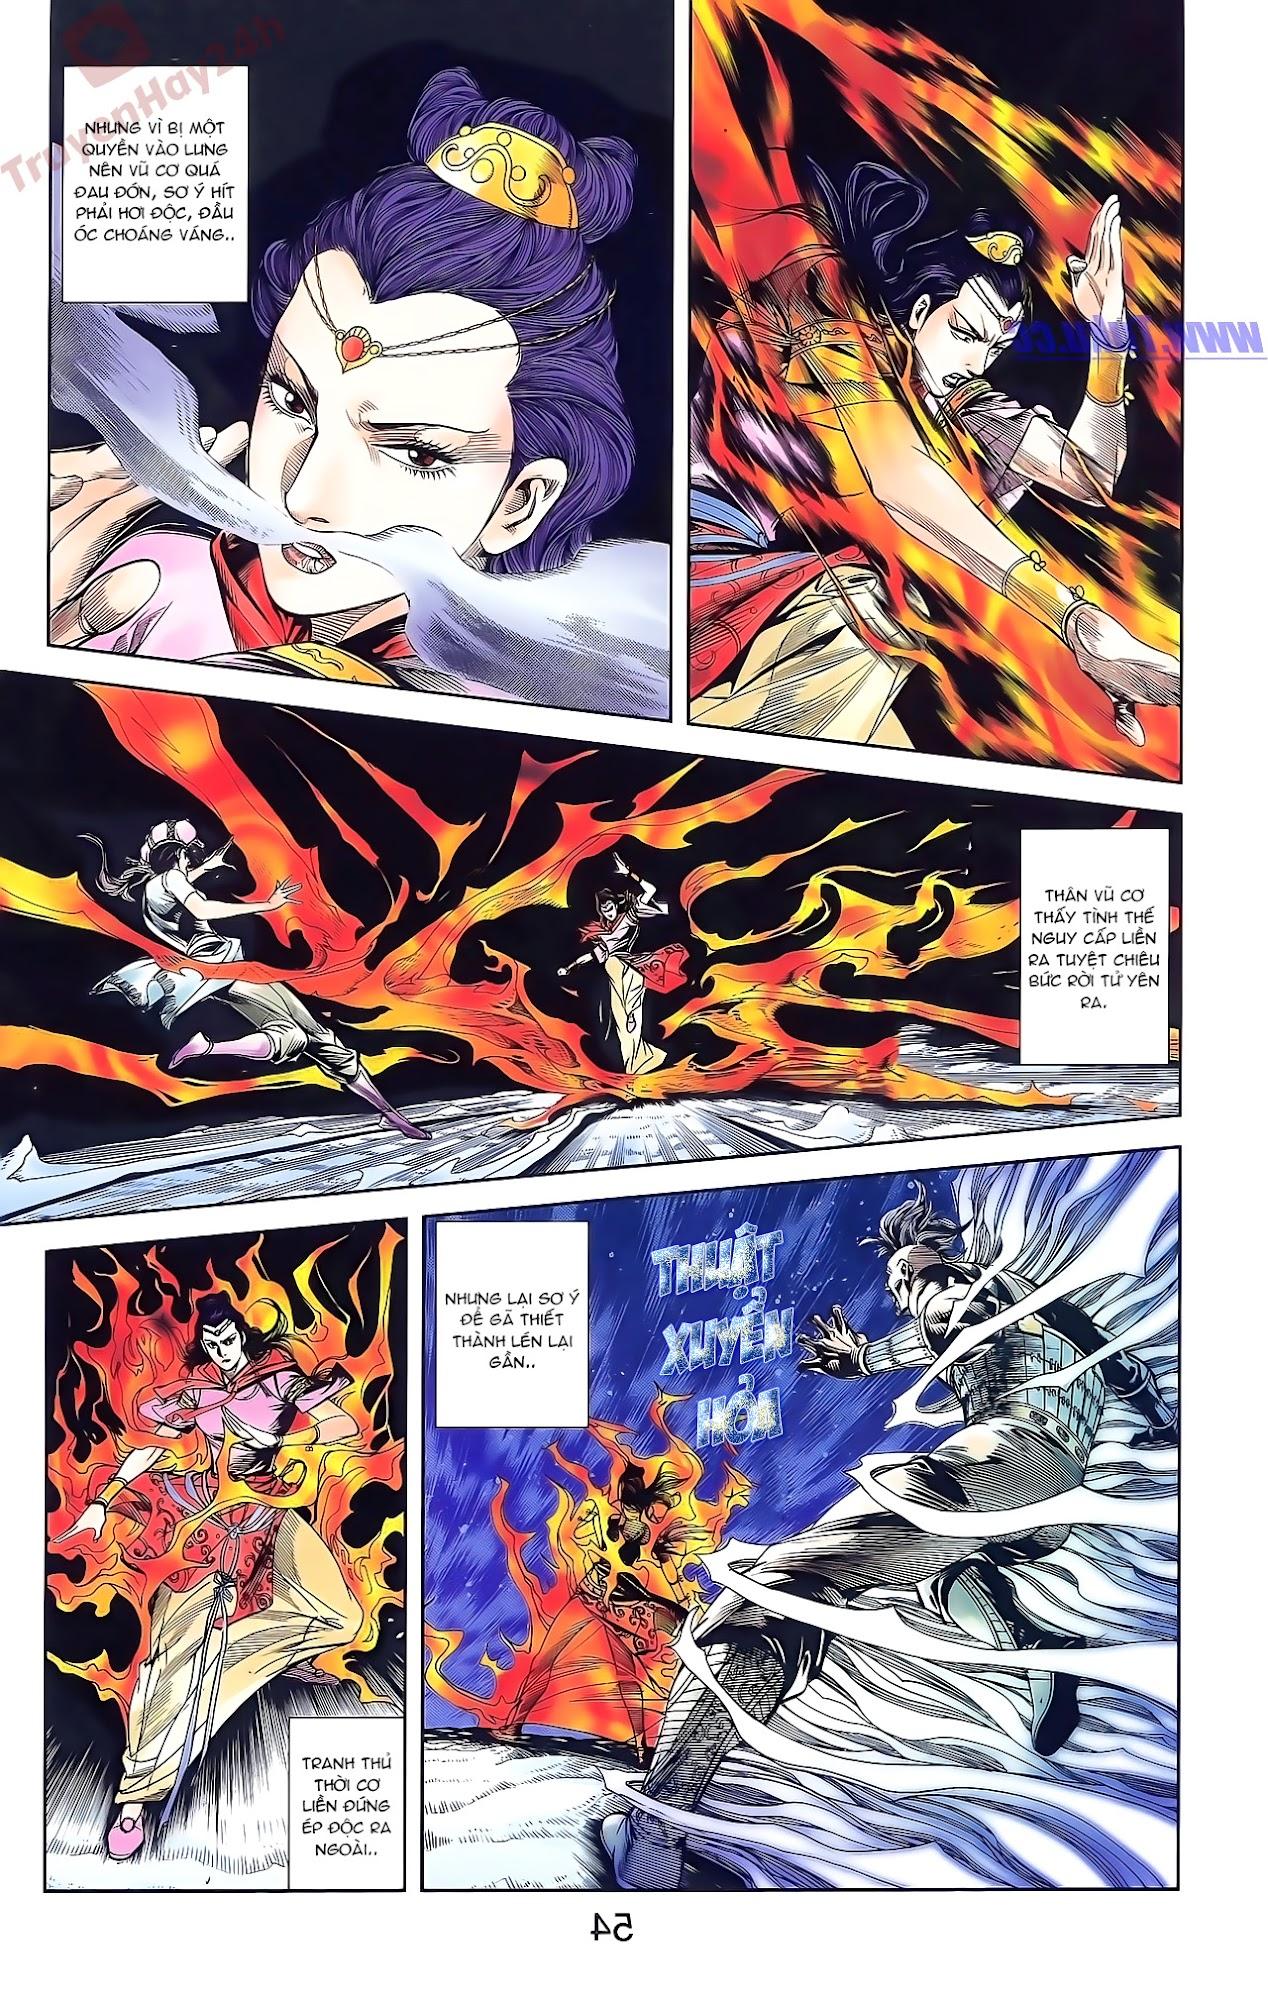 Tần Vương Doanh Chính chapter 51 trang 21